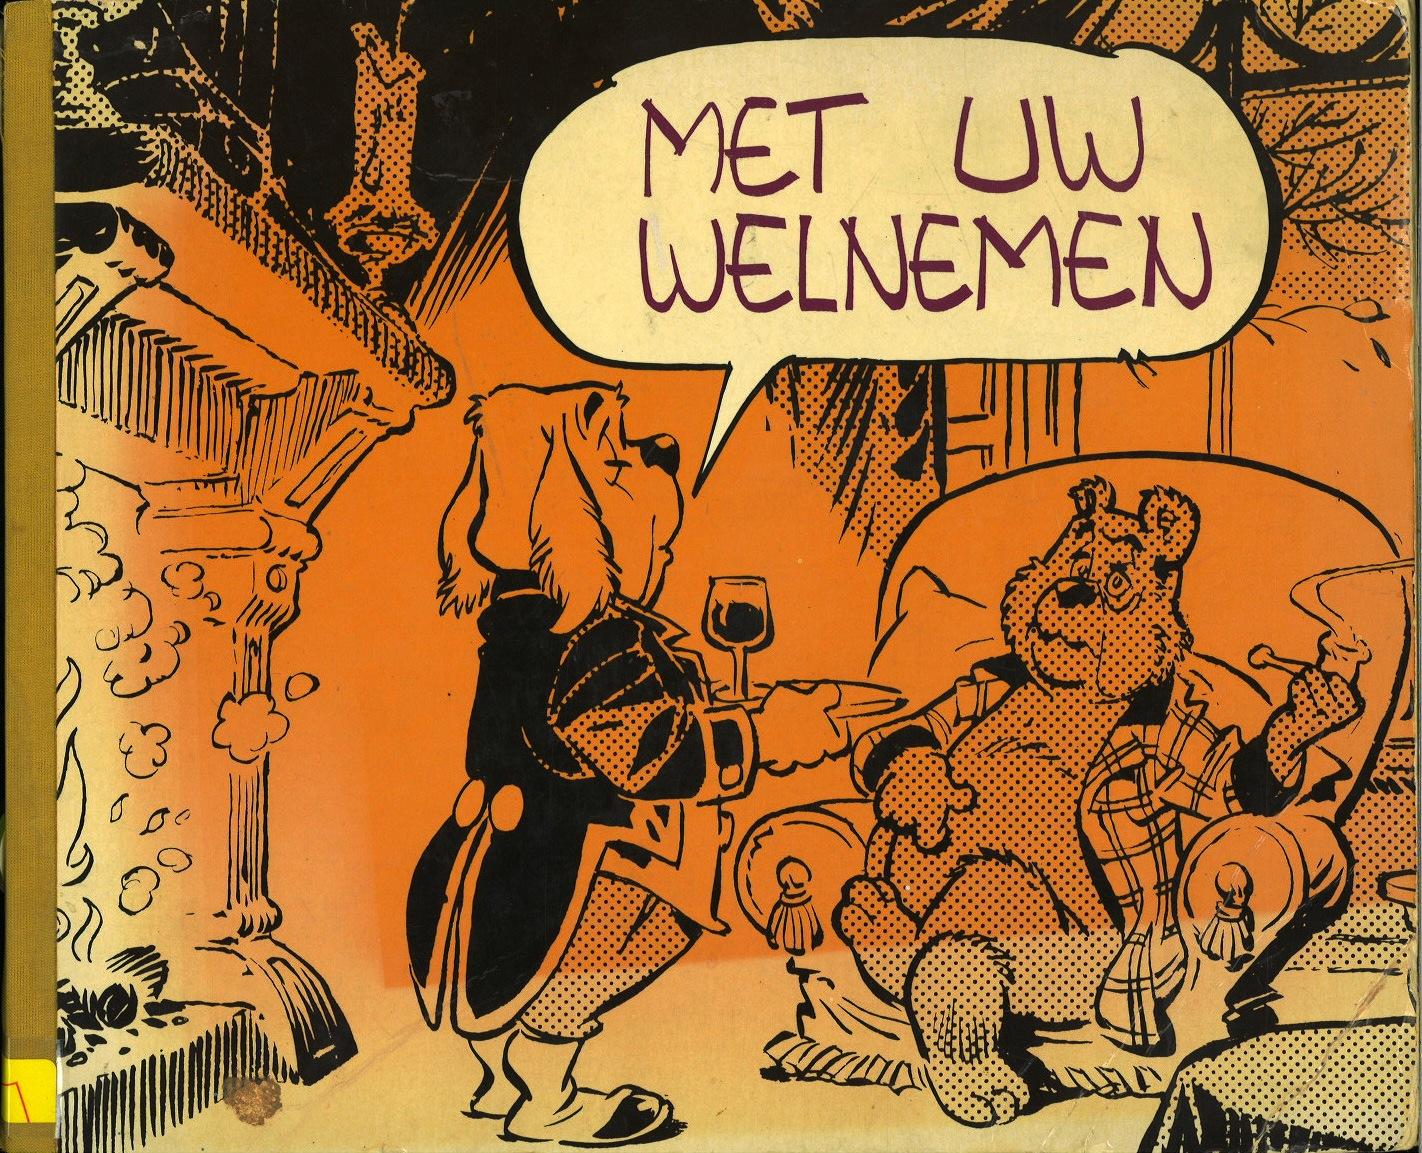 Met Uw Welnemen (By Your Leave)